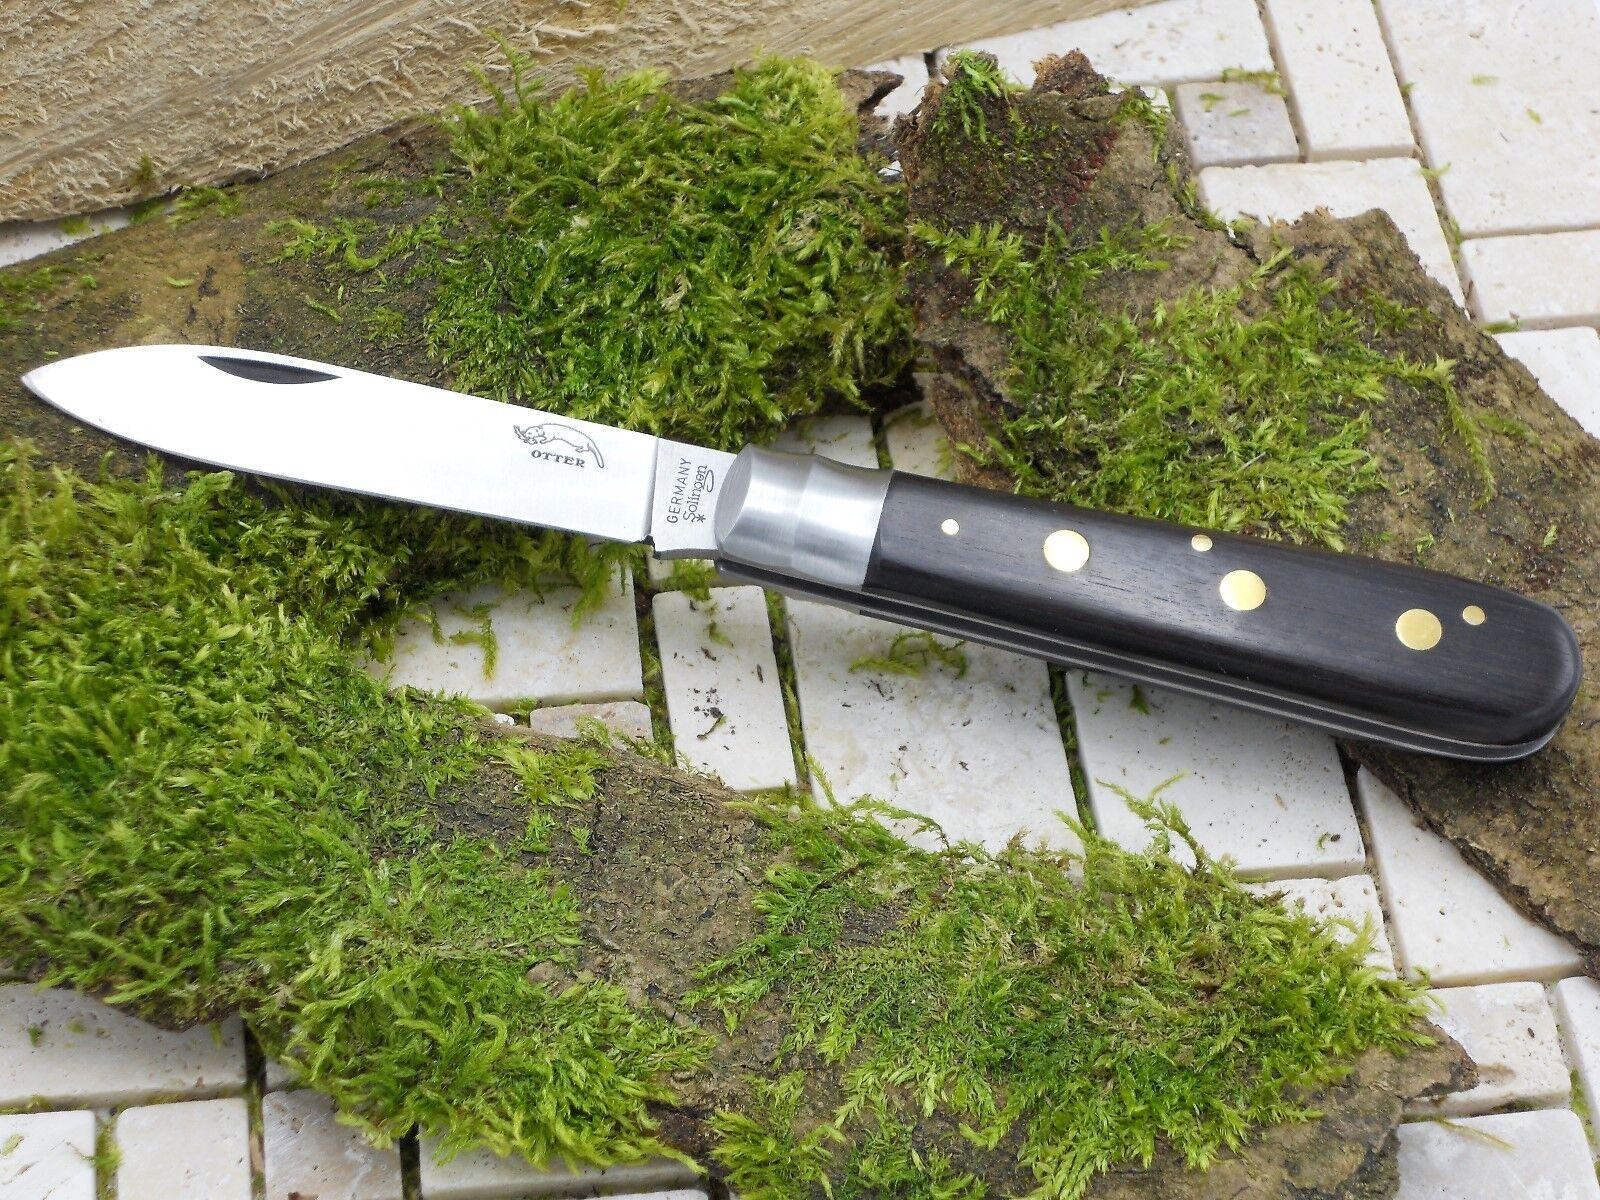 Otter 162 Drei-Nieten-Messer Taschenmesser Carbonstahl C75 Bubingaholz 01OT003 | Realistisch  | Qualität Produkte  | Qualität zuerst  | Modern Und Elegant